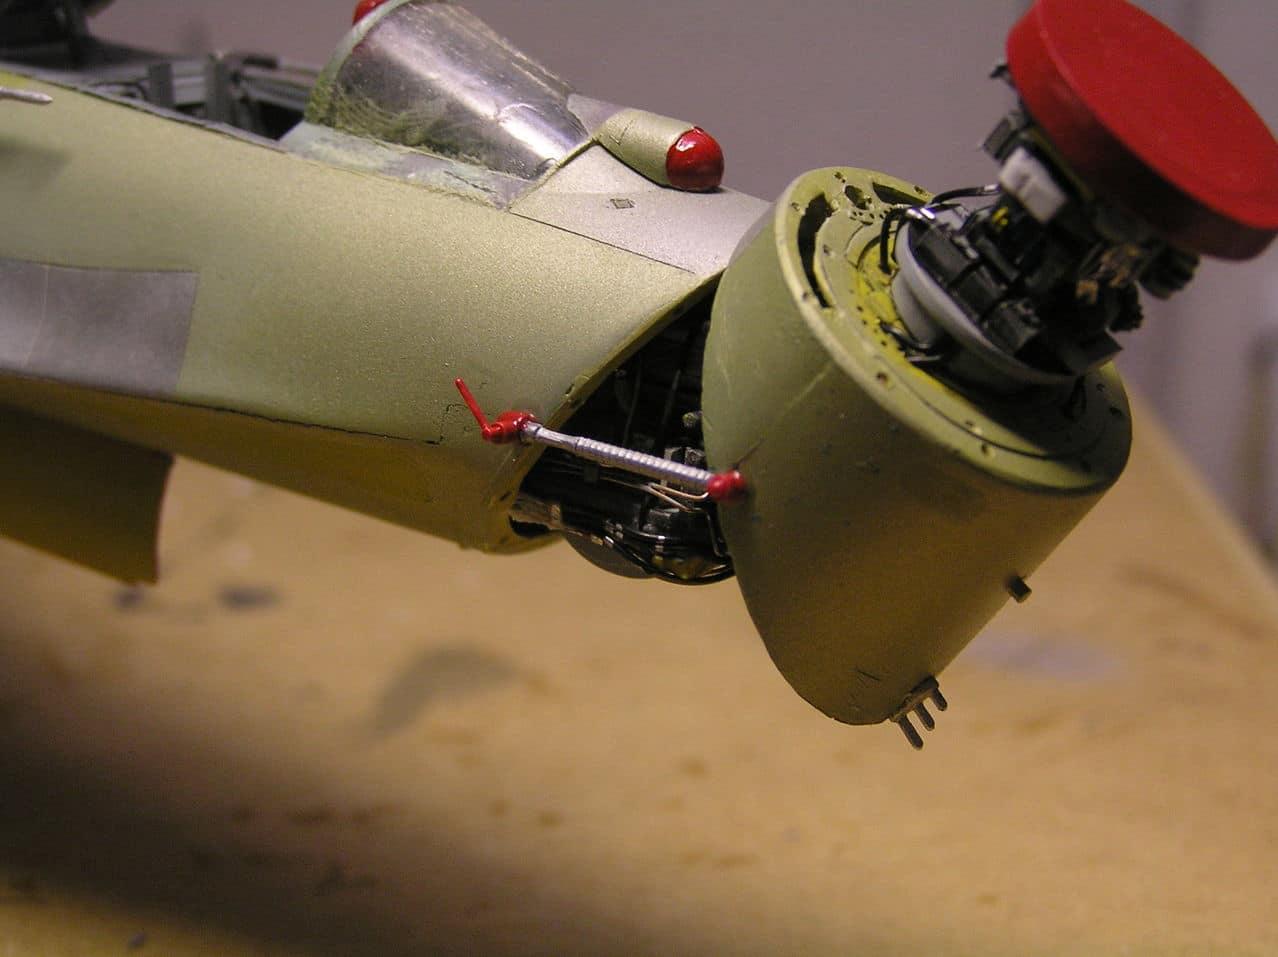 ...καπως ετσι αρχισαν ολα...Su-27  και τα μυαλα στα καγκελα... - Σελίδα 4 P1010203